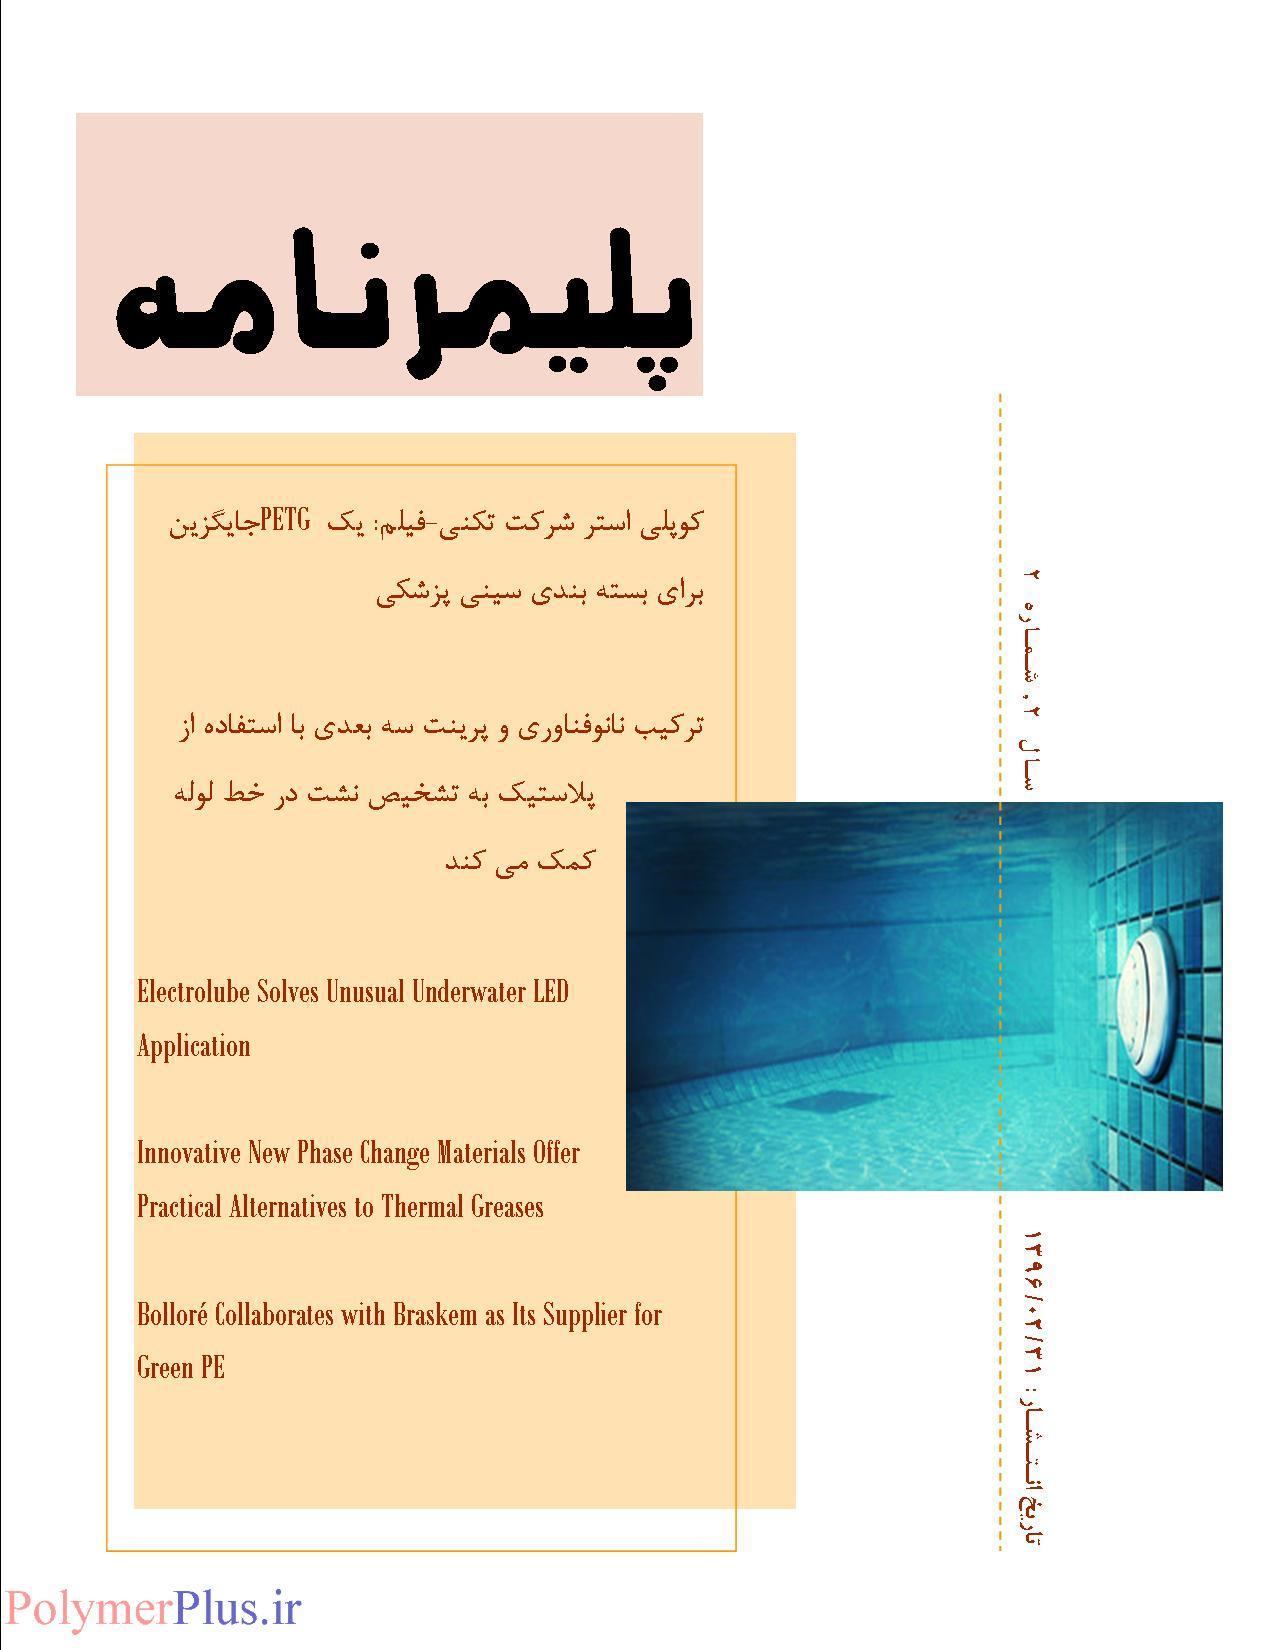 مجله پلیمرنامه-سال 2- شماره 2